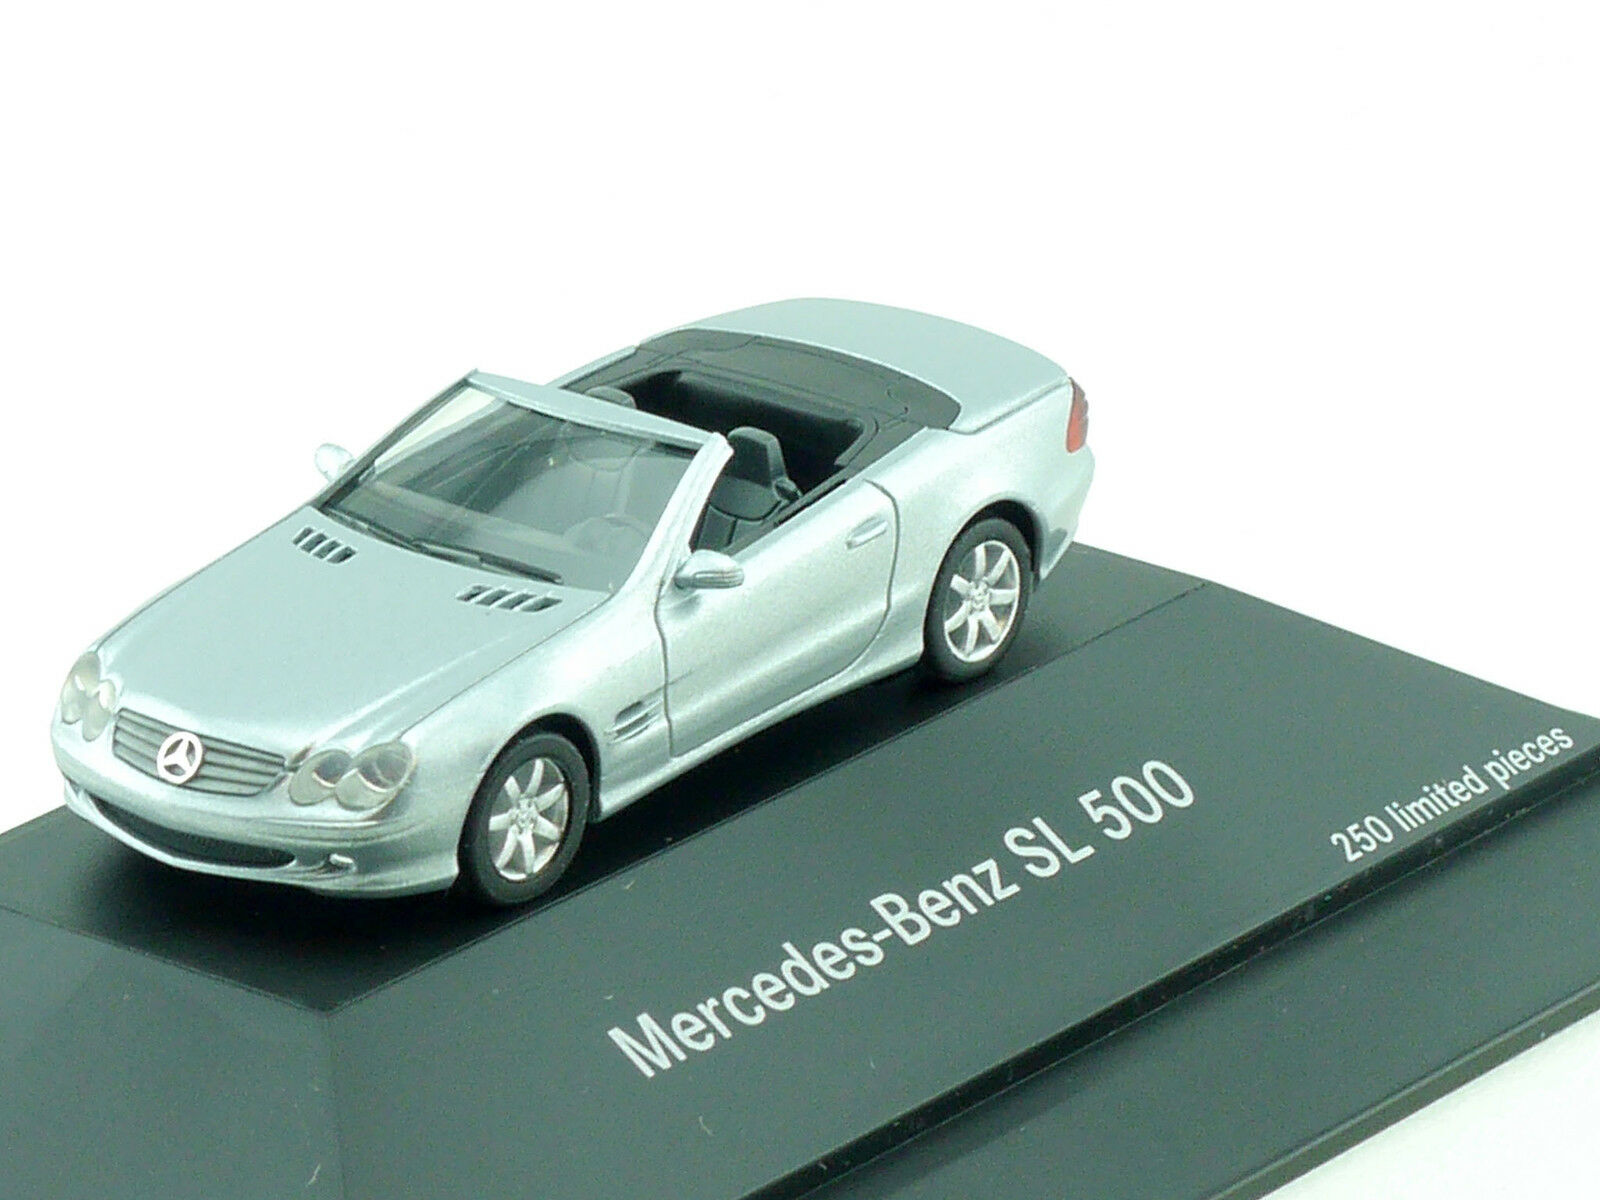 Herpa publicitaires Modèle MB Mercedes SL 500 R 230 Cabriolet seulement 250 lots  PC NEUF dans sa boîte 1411-17-17